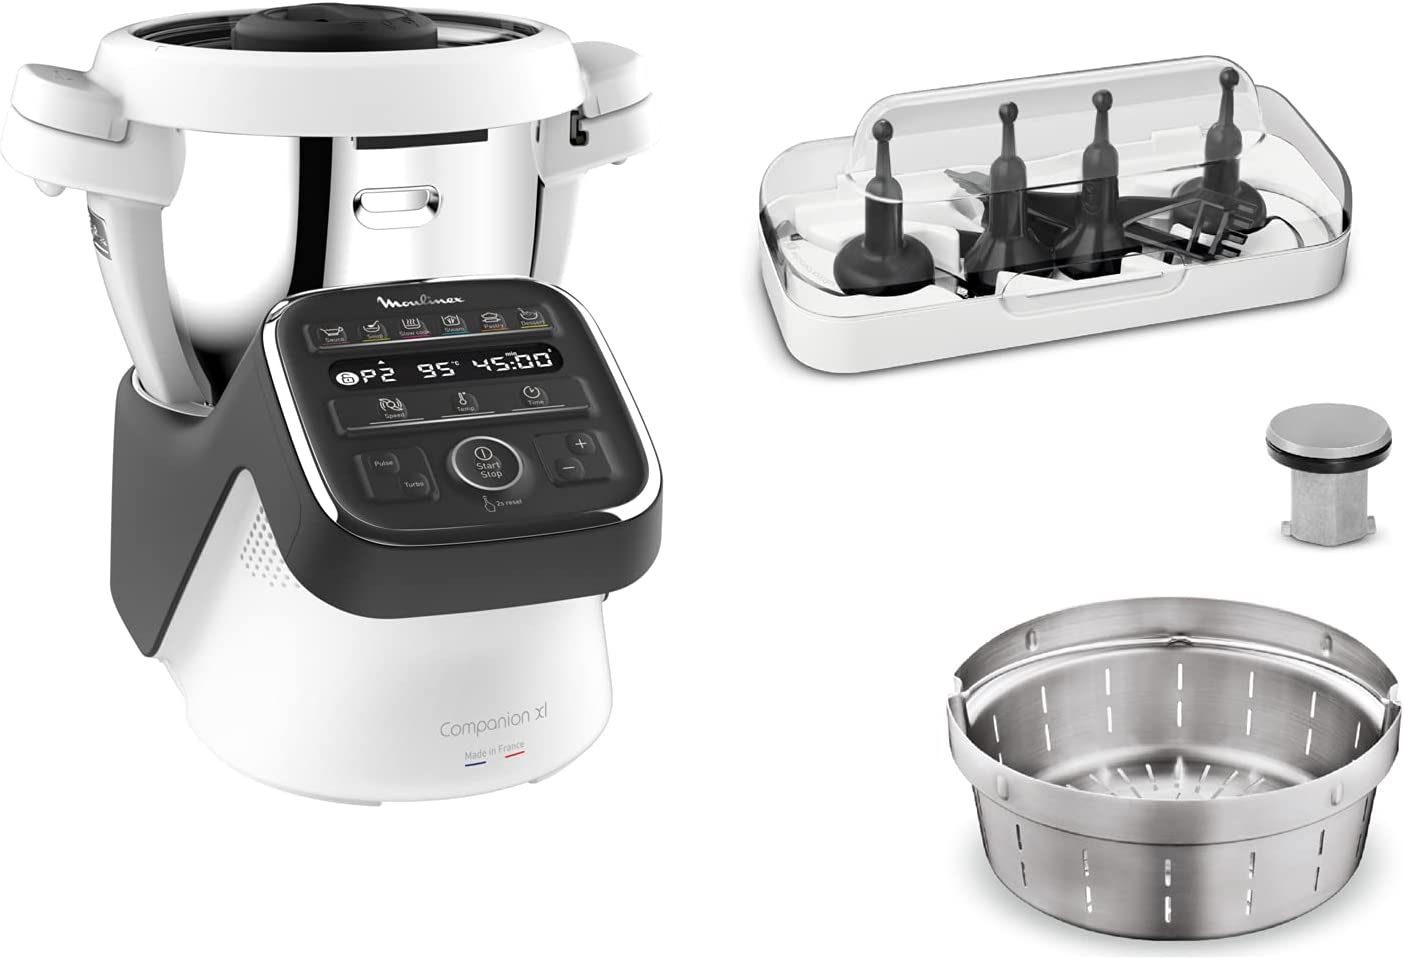 Moulinex Companion XL - Robot de cocina (4,5 L, 12 programas automáticos, preparación de sopas, carne, gaspacho, robot de cocina con libro recetas)